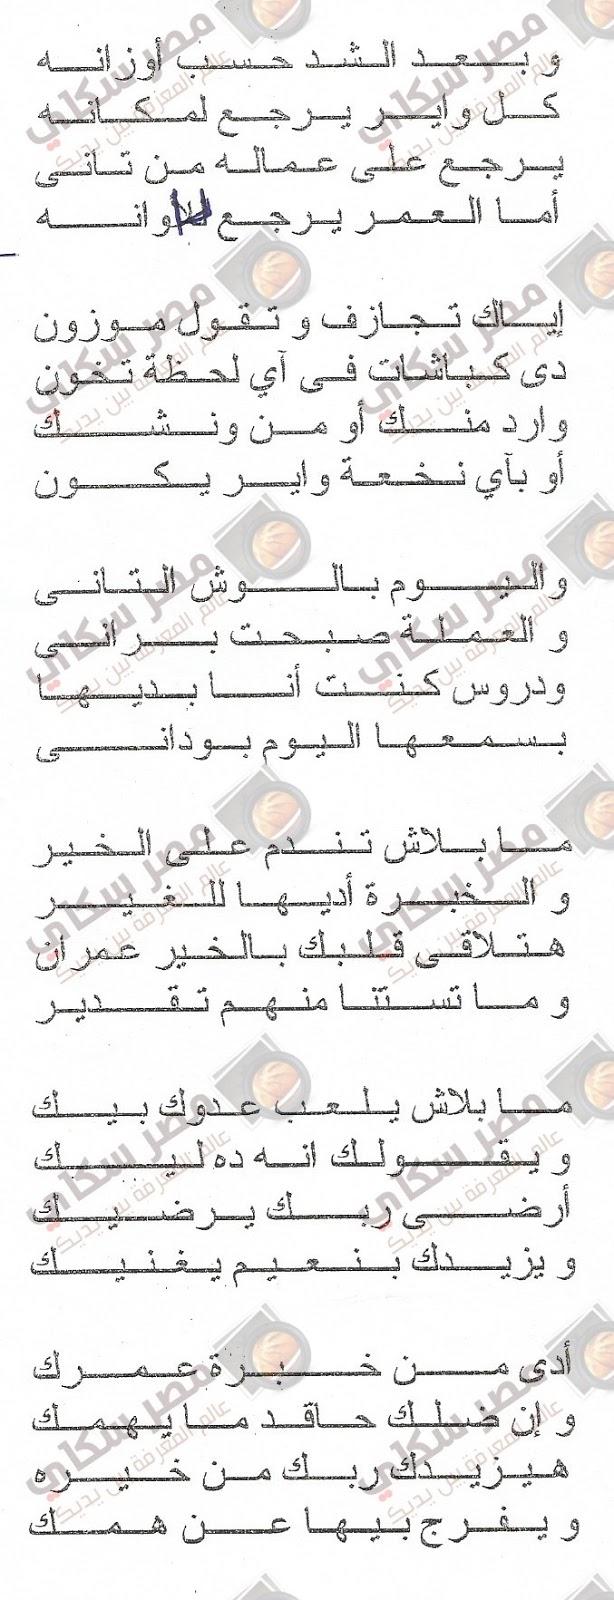 ياله جهز ياوناش بقلم السيد عبد الحفيظ السيد